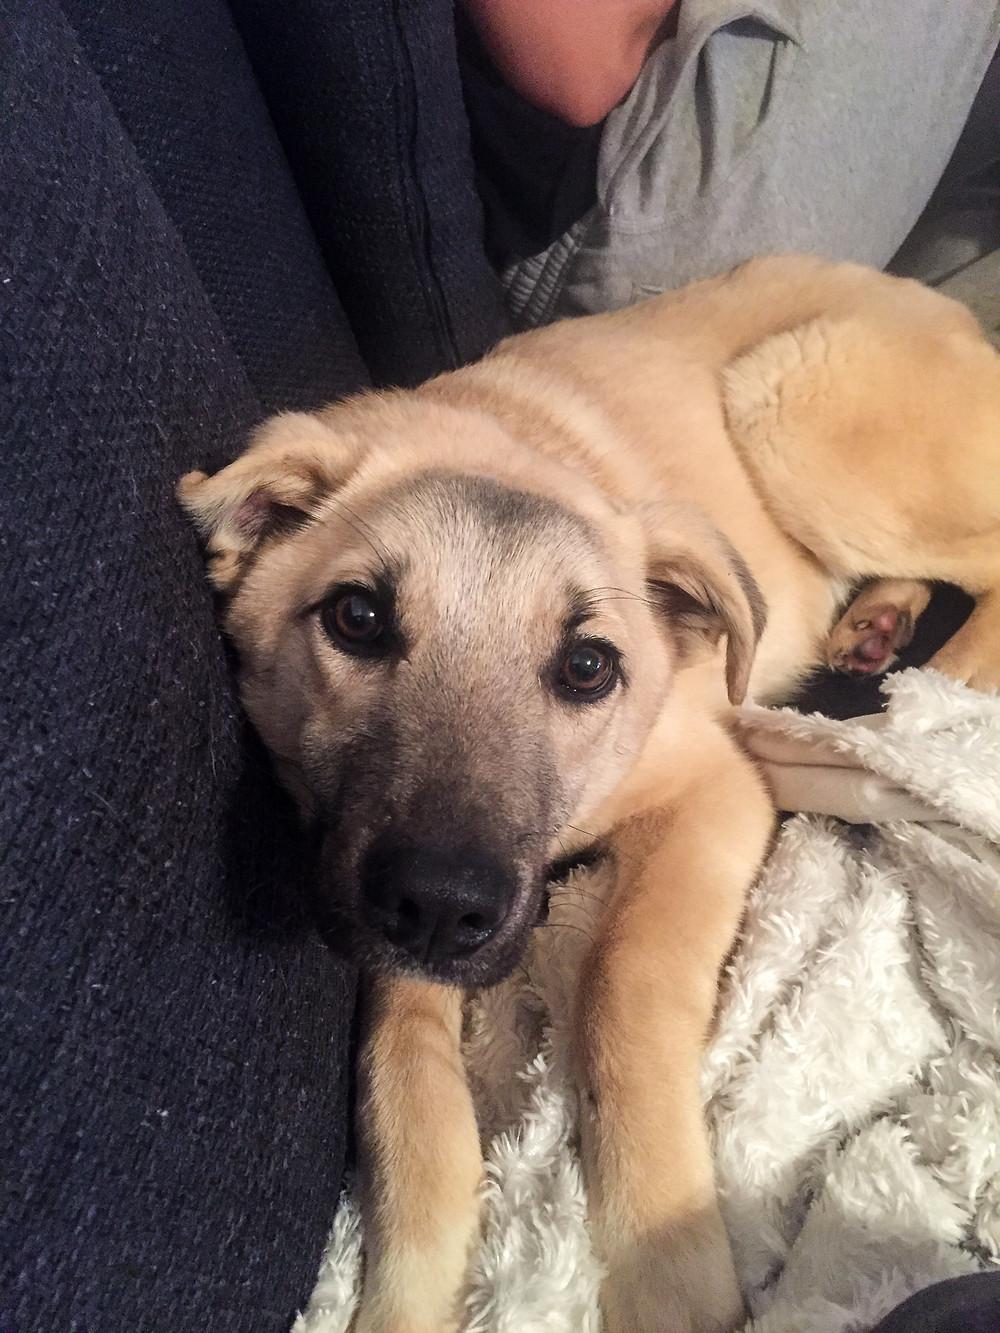 Rescue-pentu sohvalla